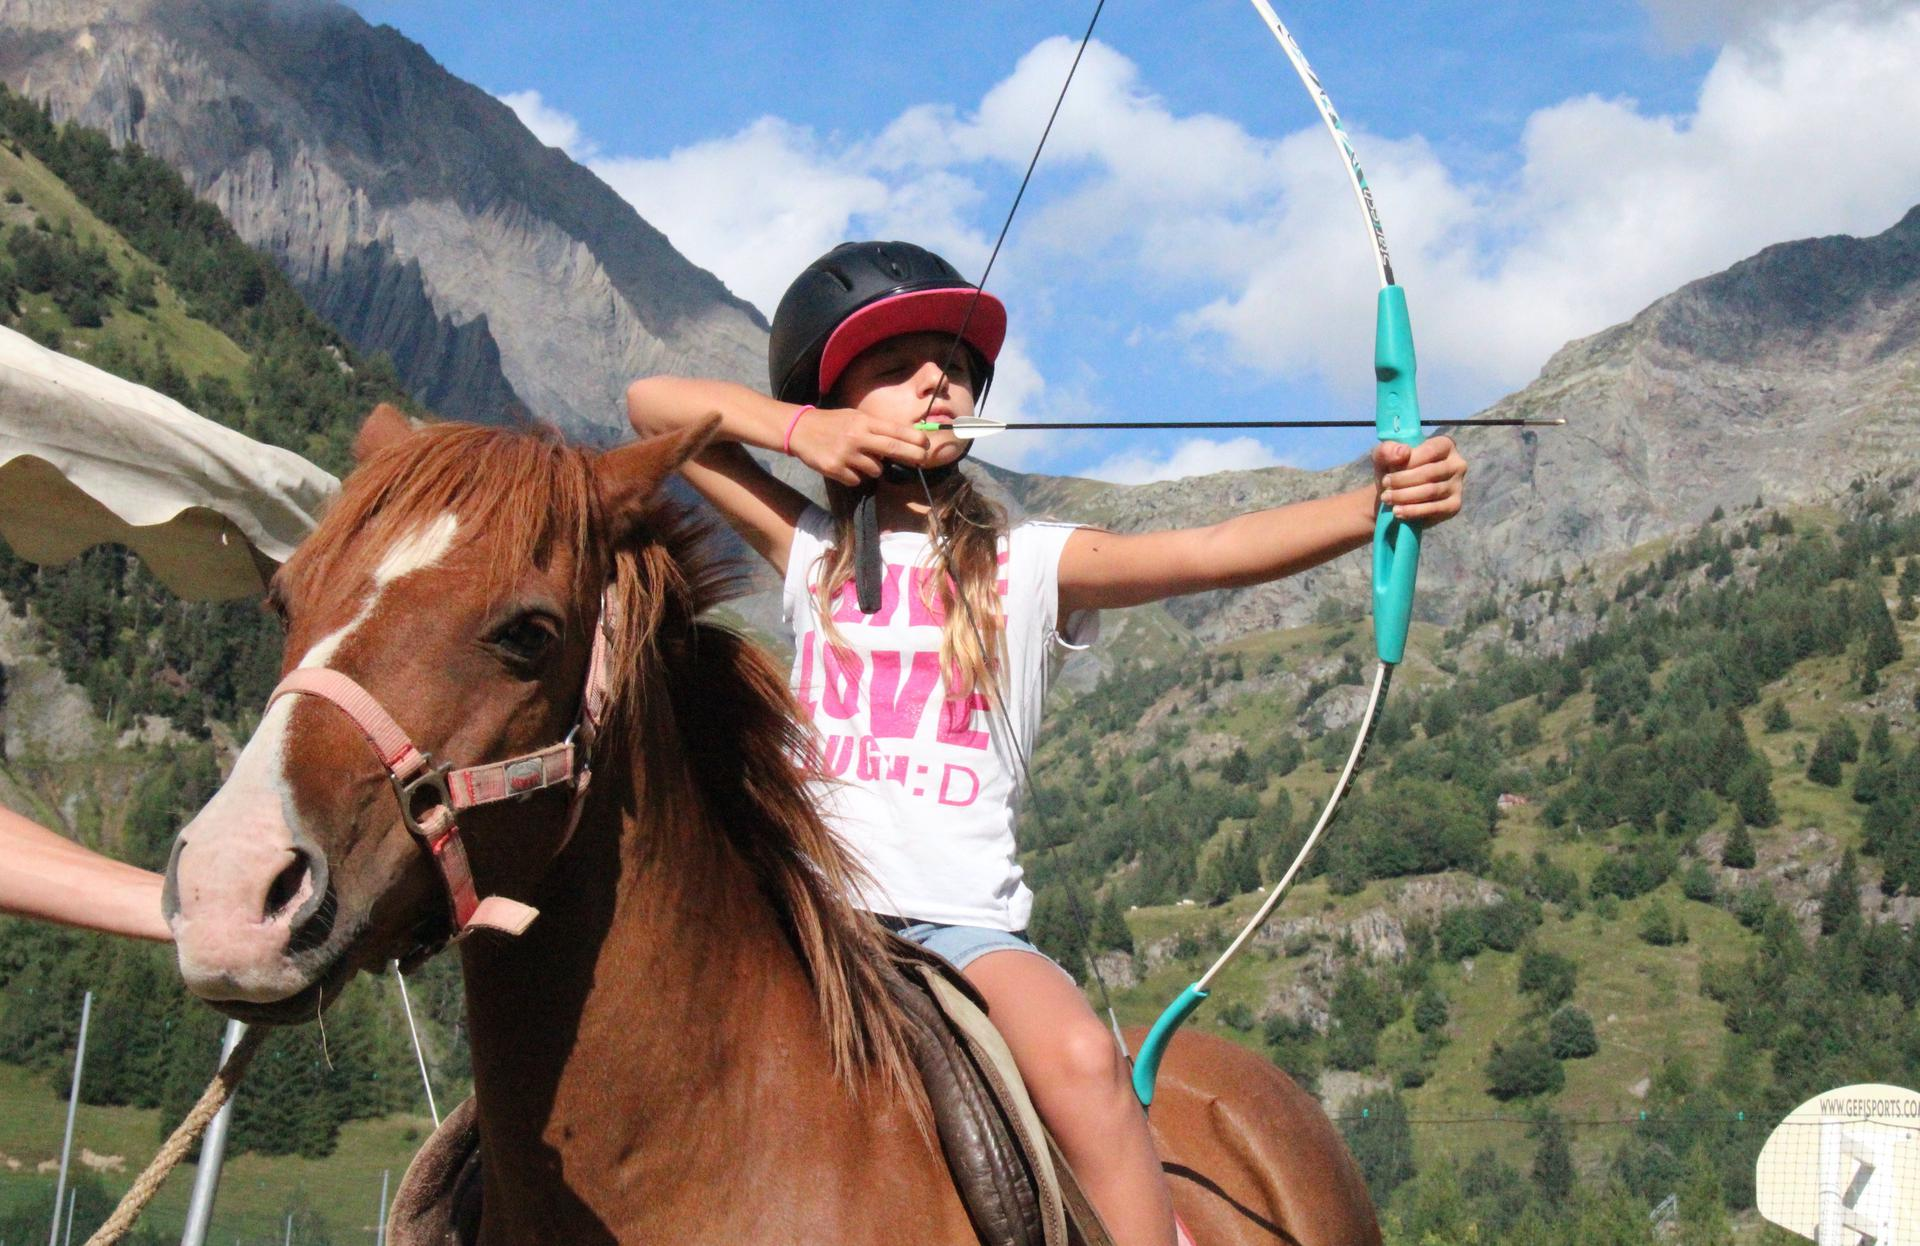 Vacances d'été : Vaujany, un  paradis en Isère Tir%20a%CC%80%20l%27arc_Collet_04_5